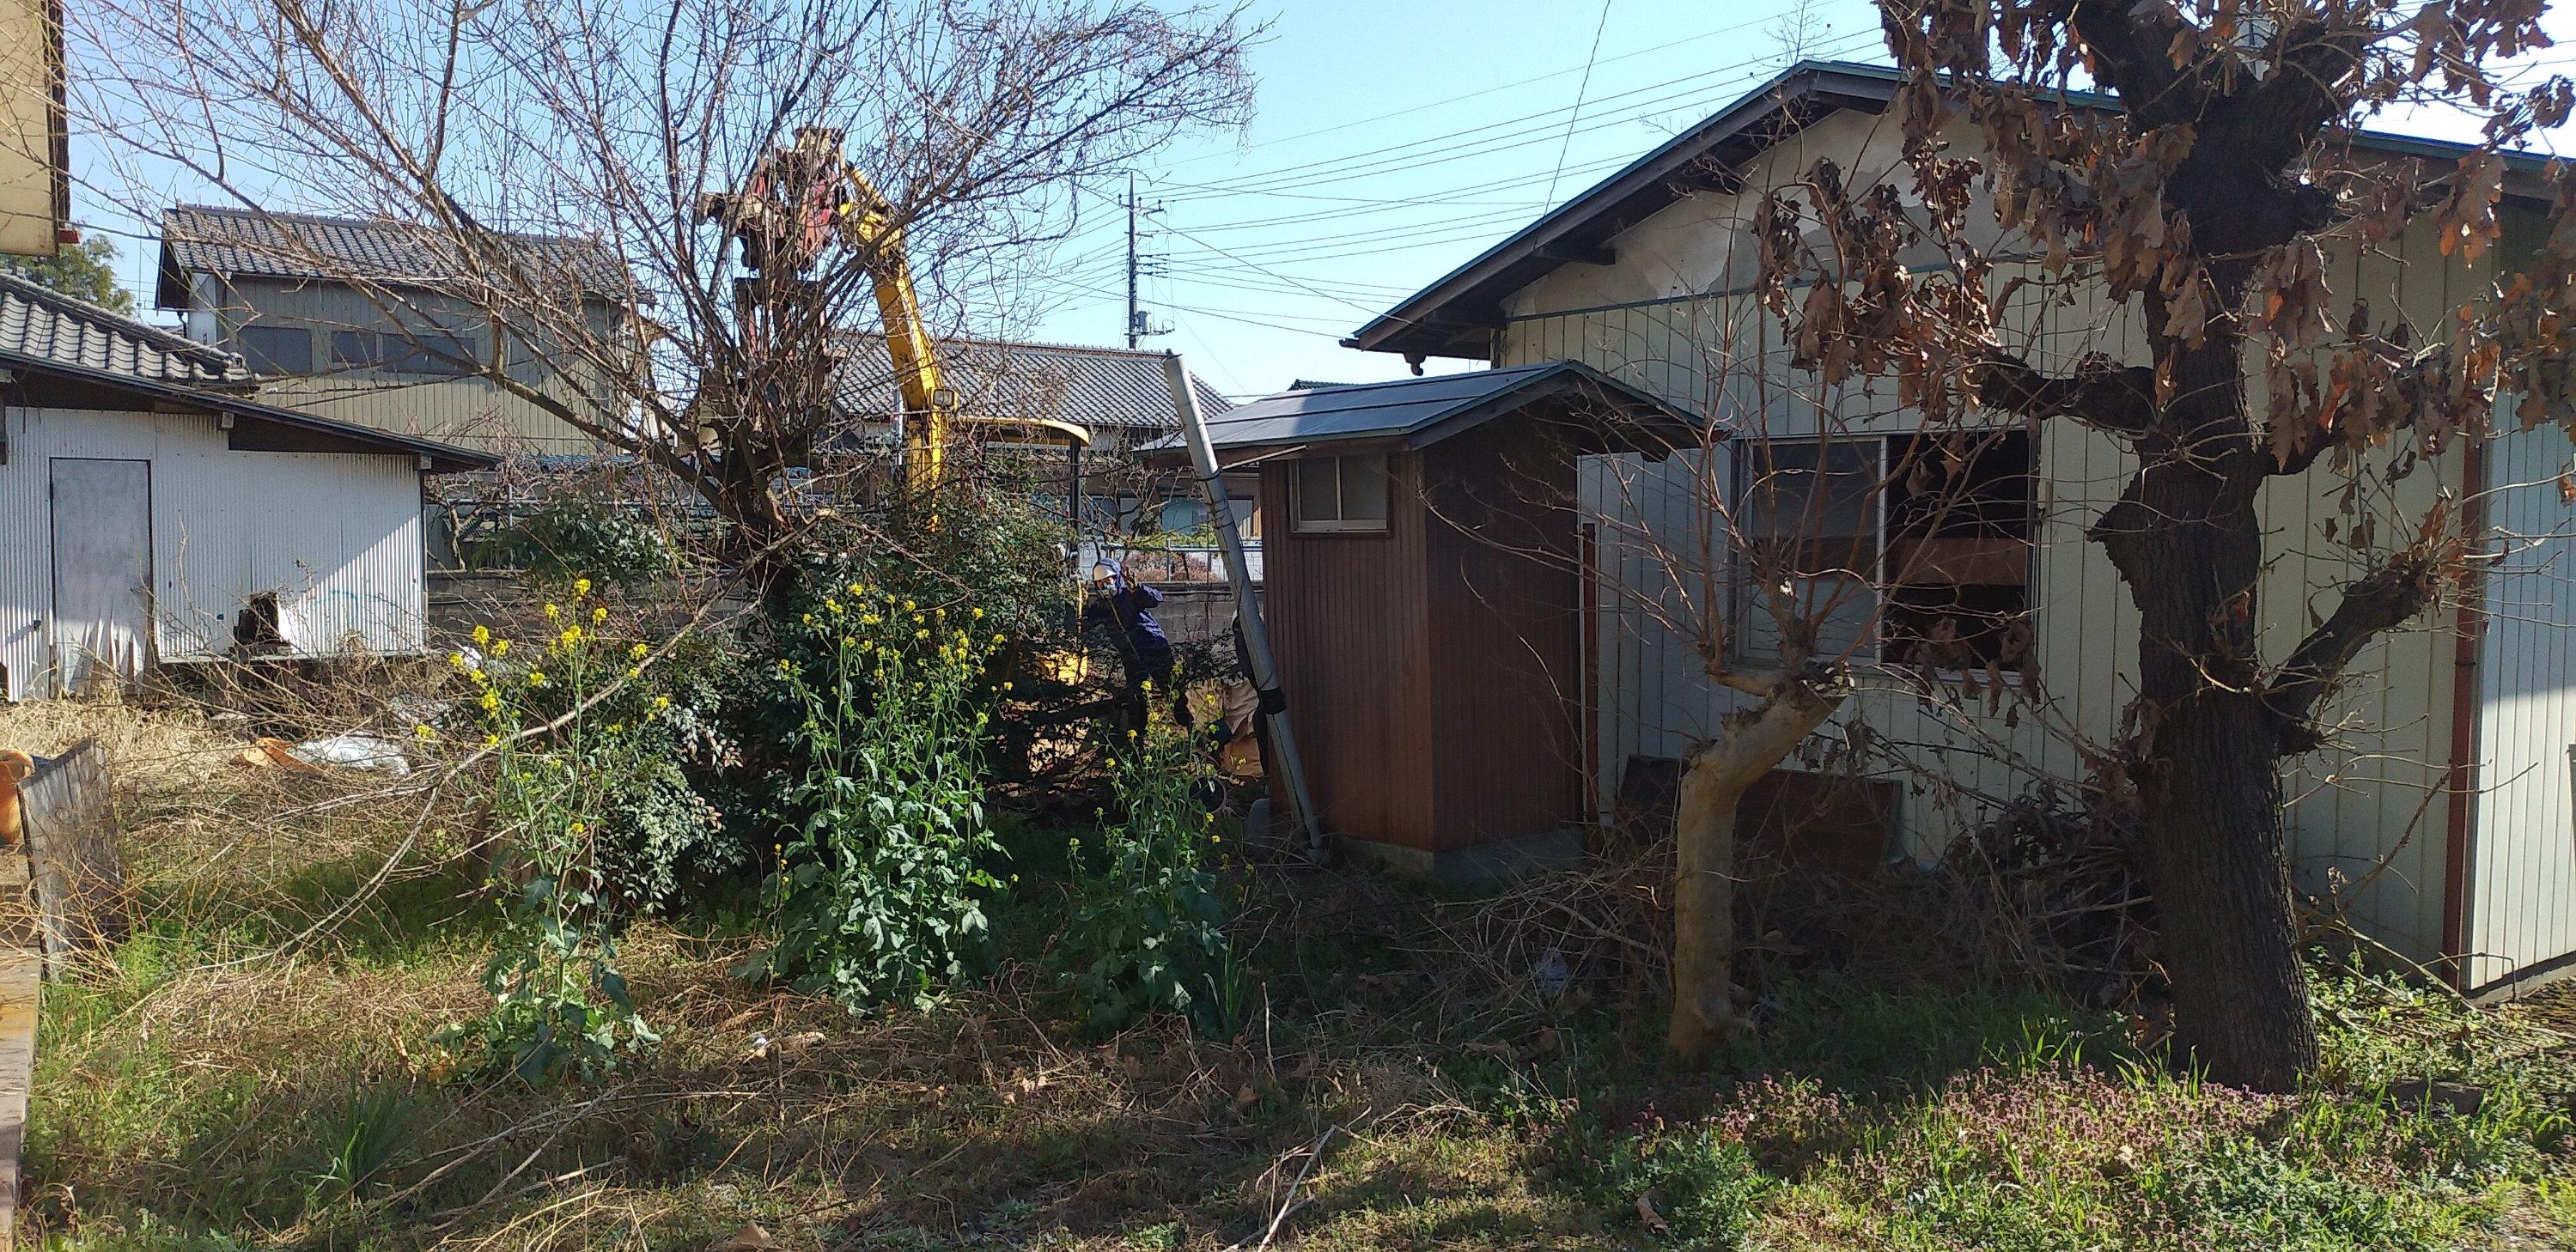 狭山市、所沢市、入間市、川越市で解体工事を行わせてもらっている旺馬工業です。今回は日高市で木造平屋2棟の解体工事を行わせていただきました。